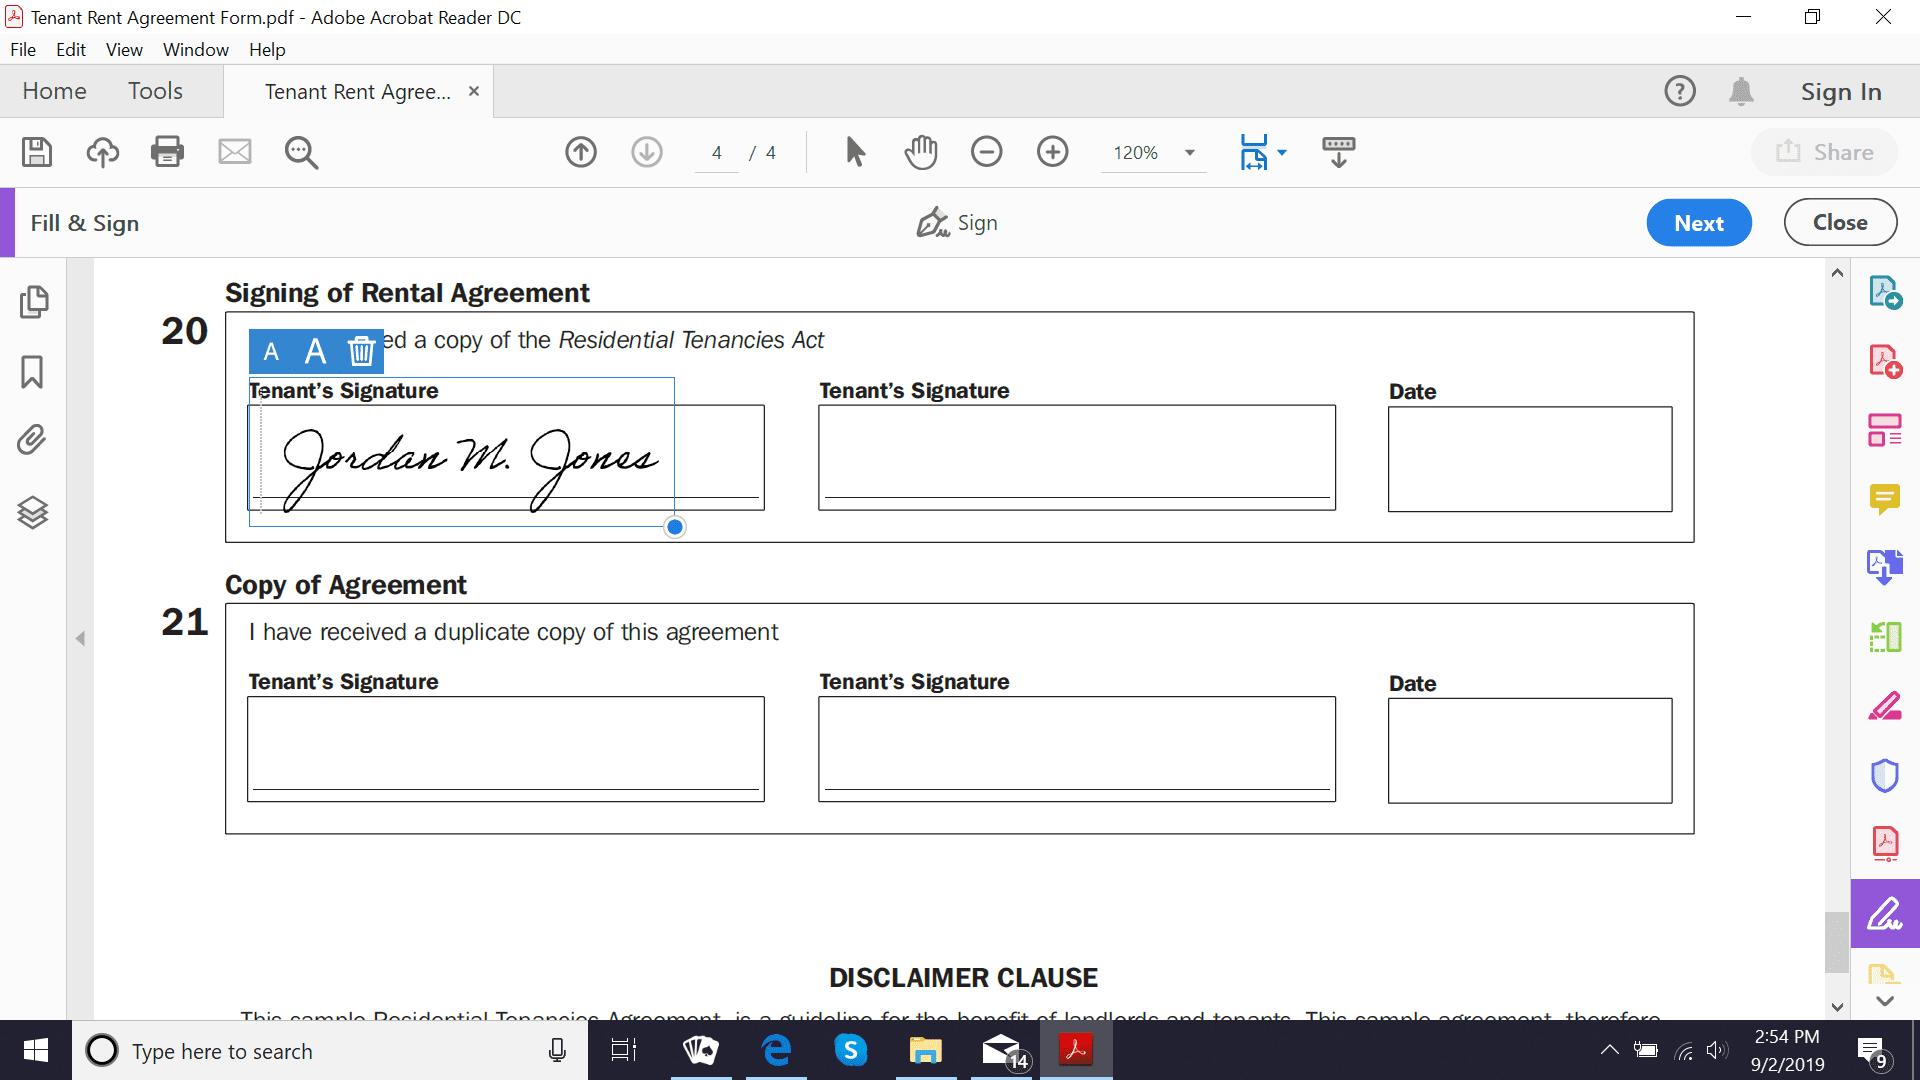 Adobe Acrobat Reader DC signature box